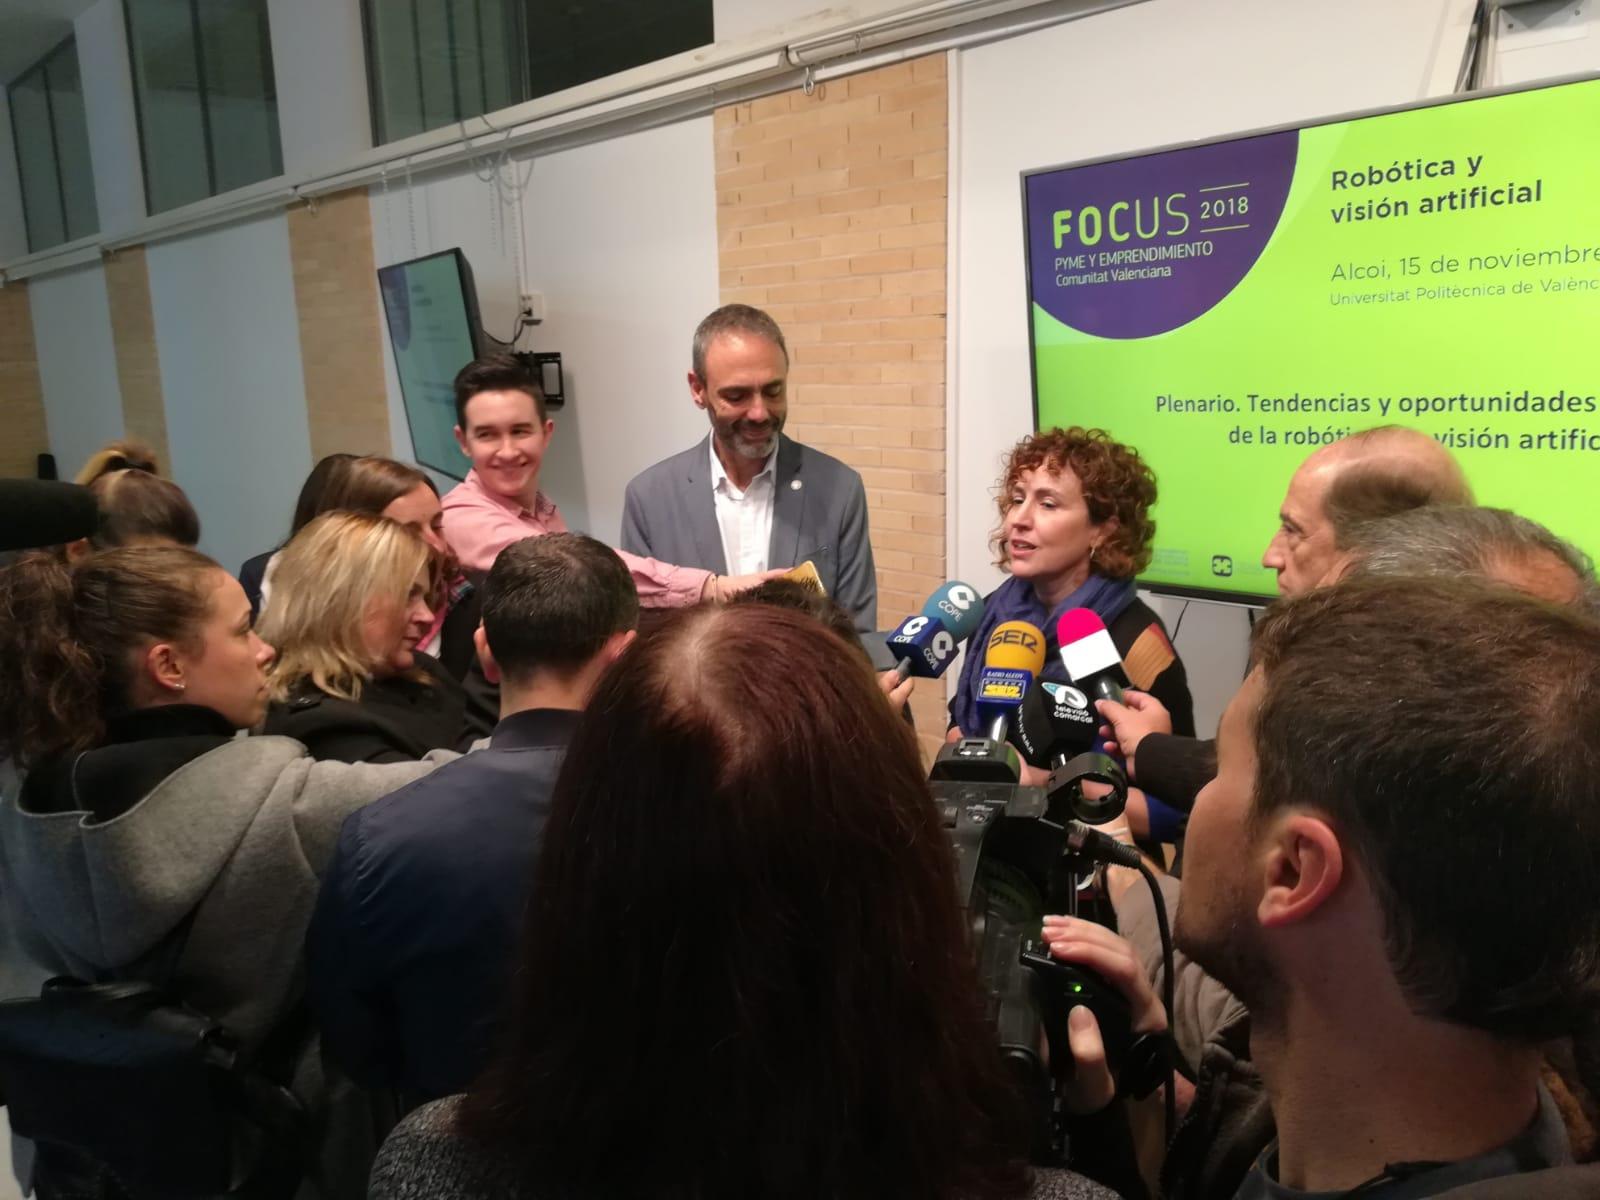 Julia atendiendo a los medios